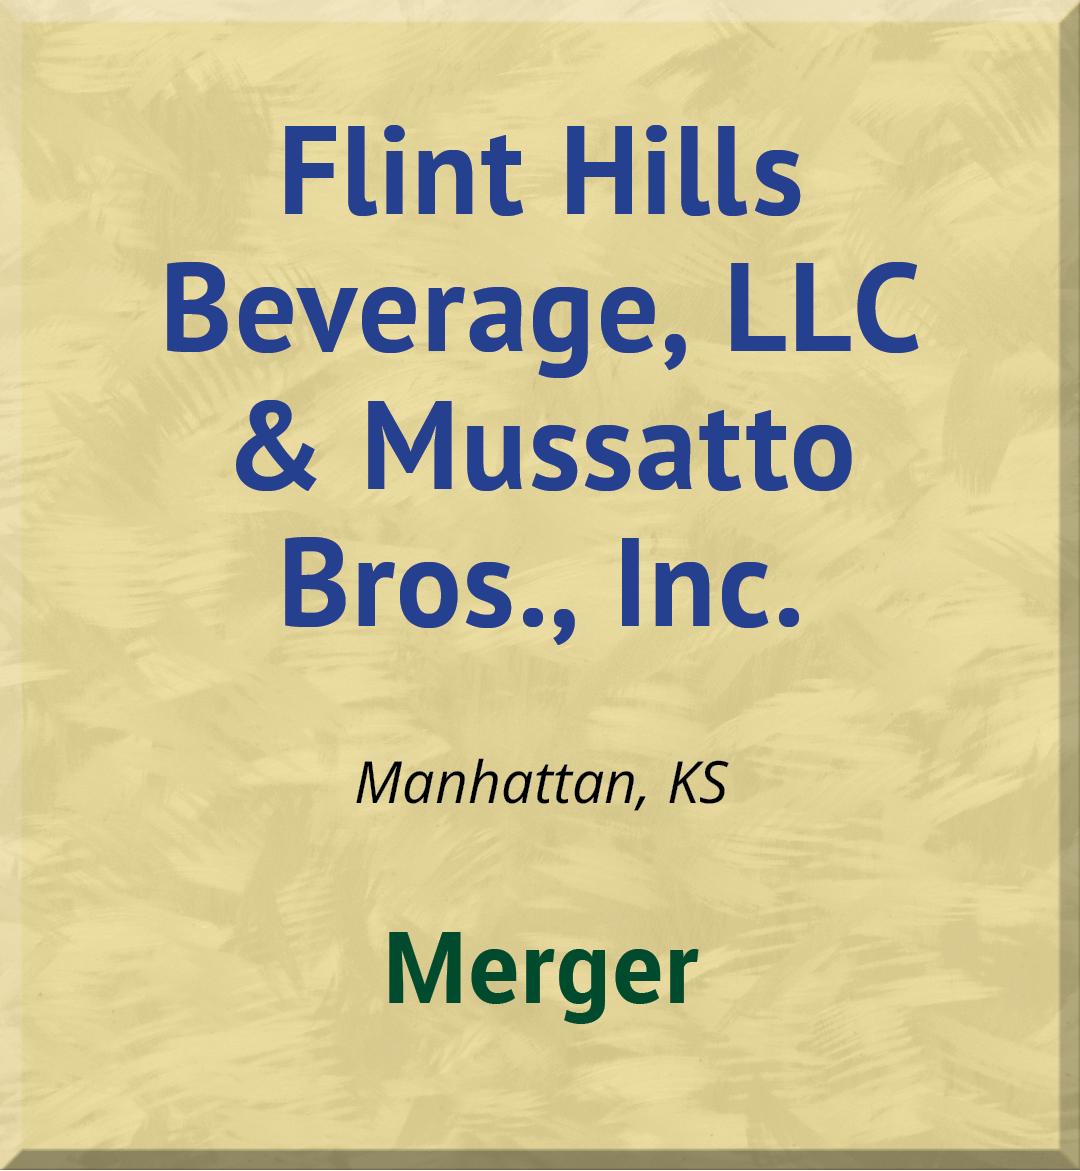 Flint Hills Beverage, LLC & Mussatto Bros., Inc.